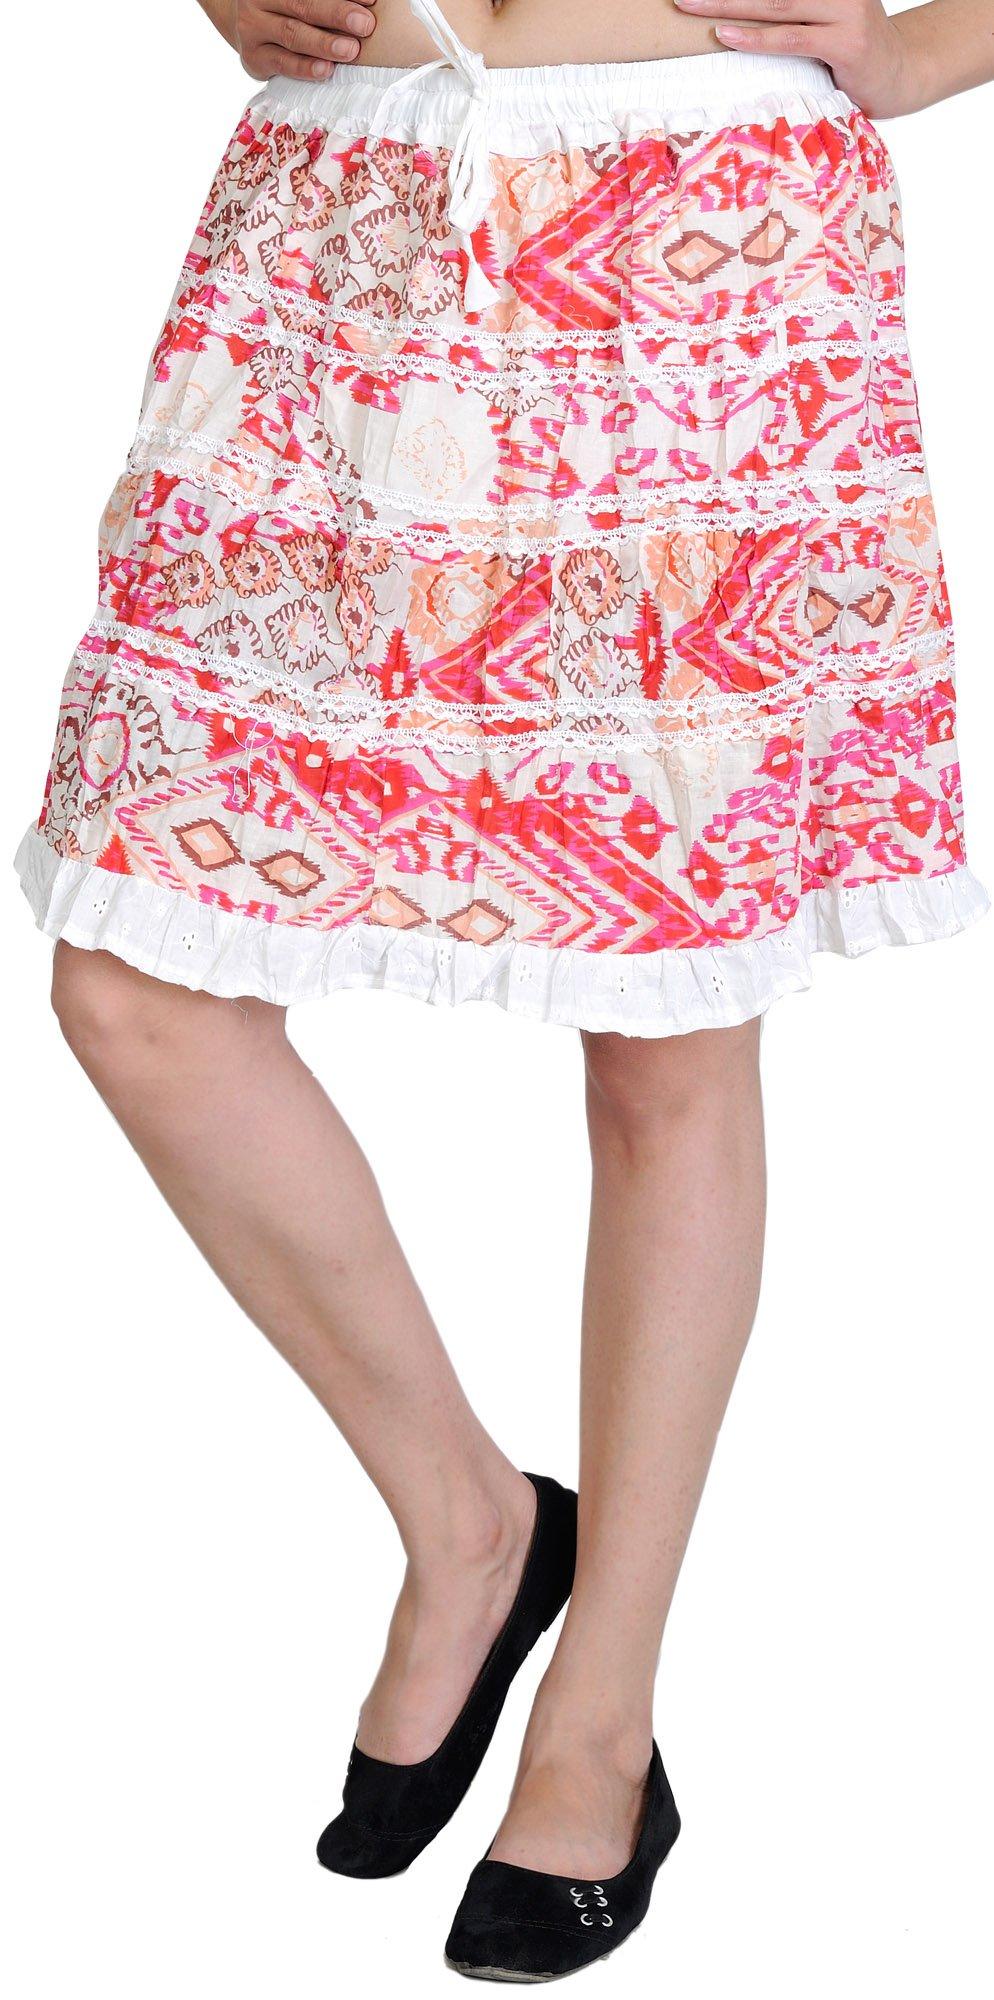 Pink Short Skirt 112